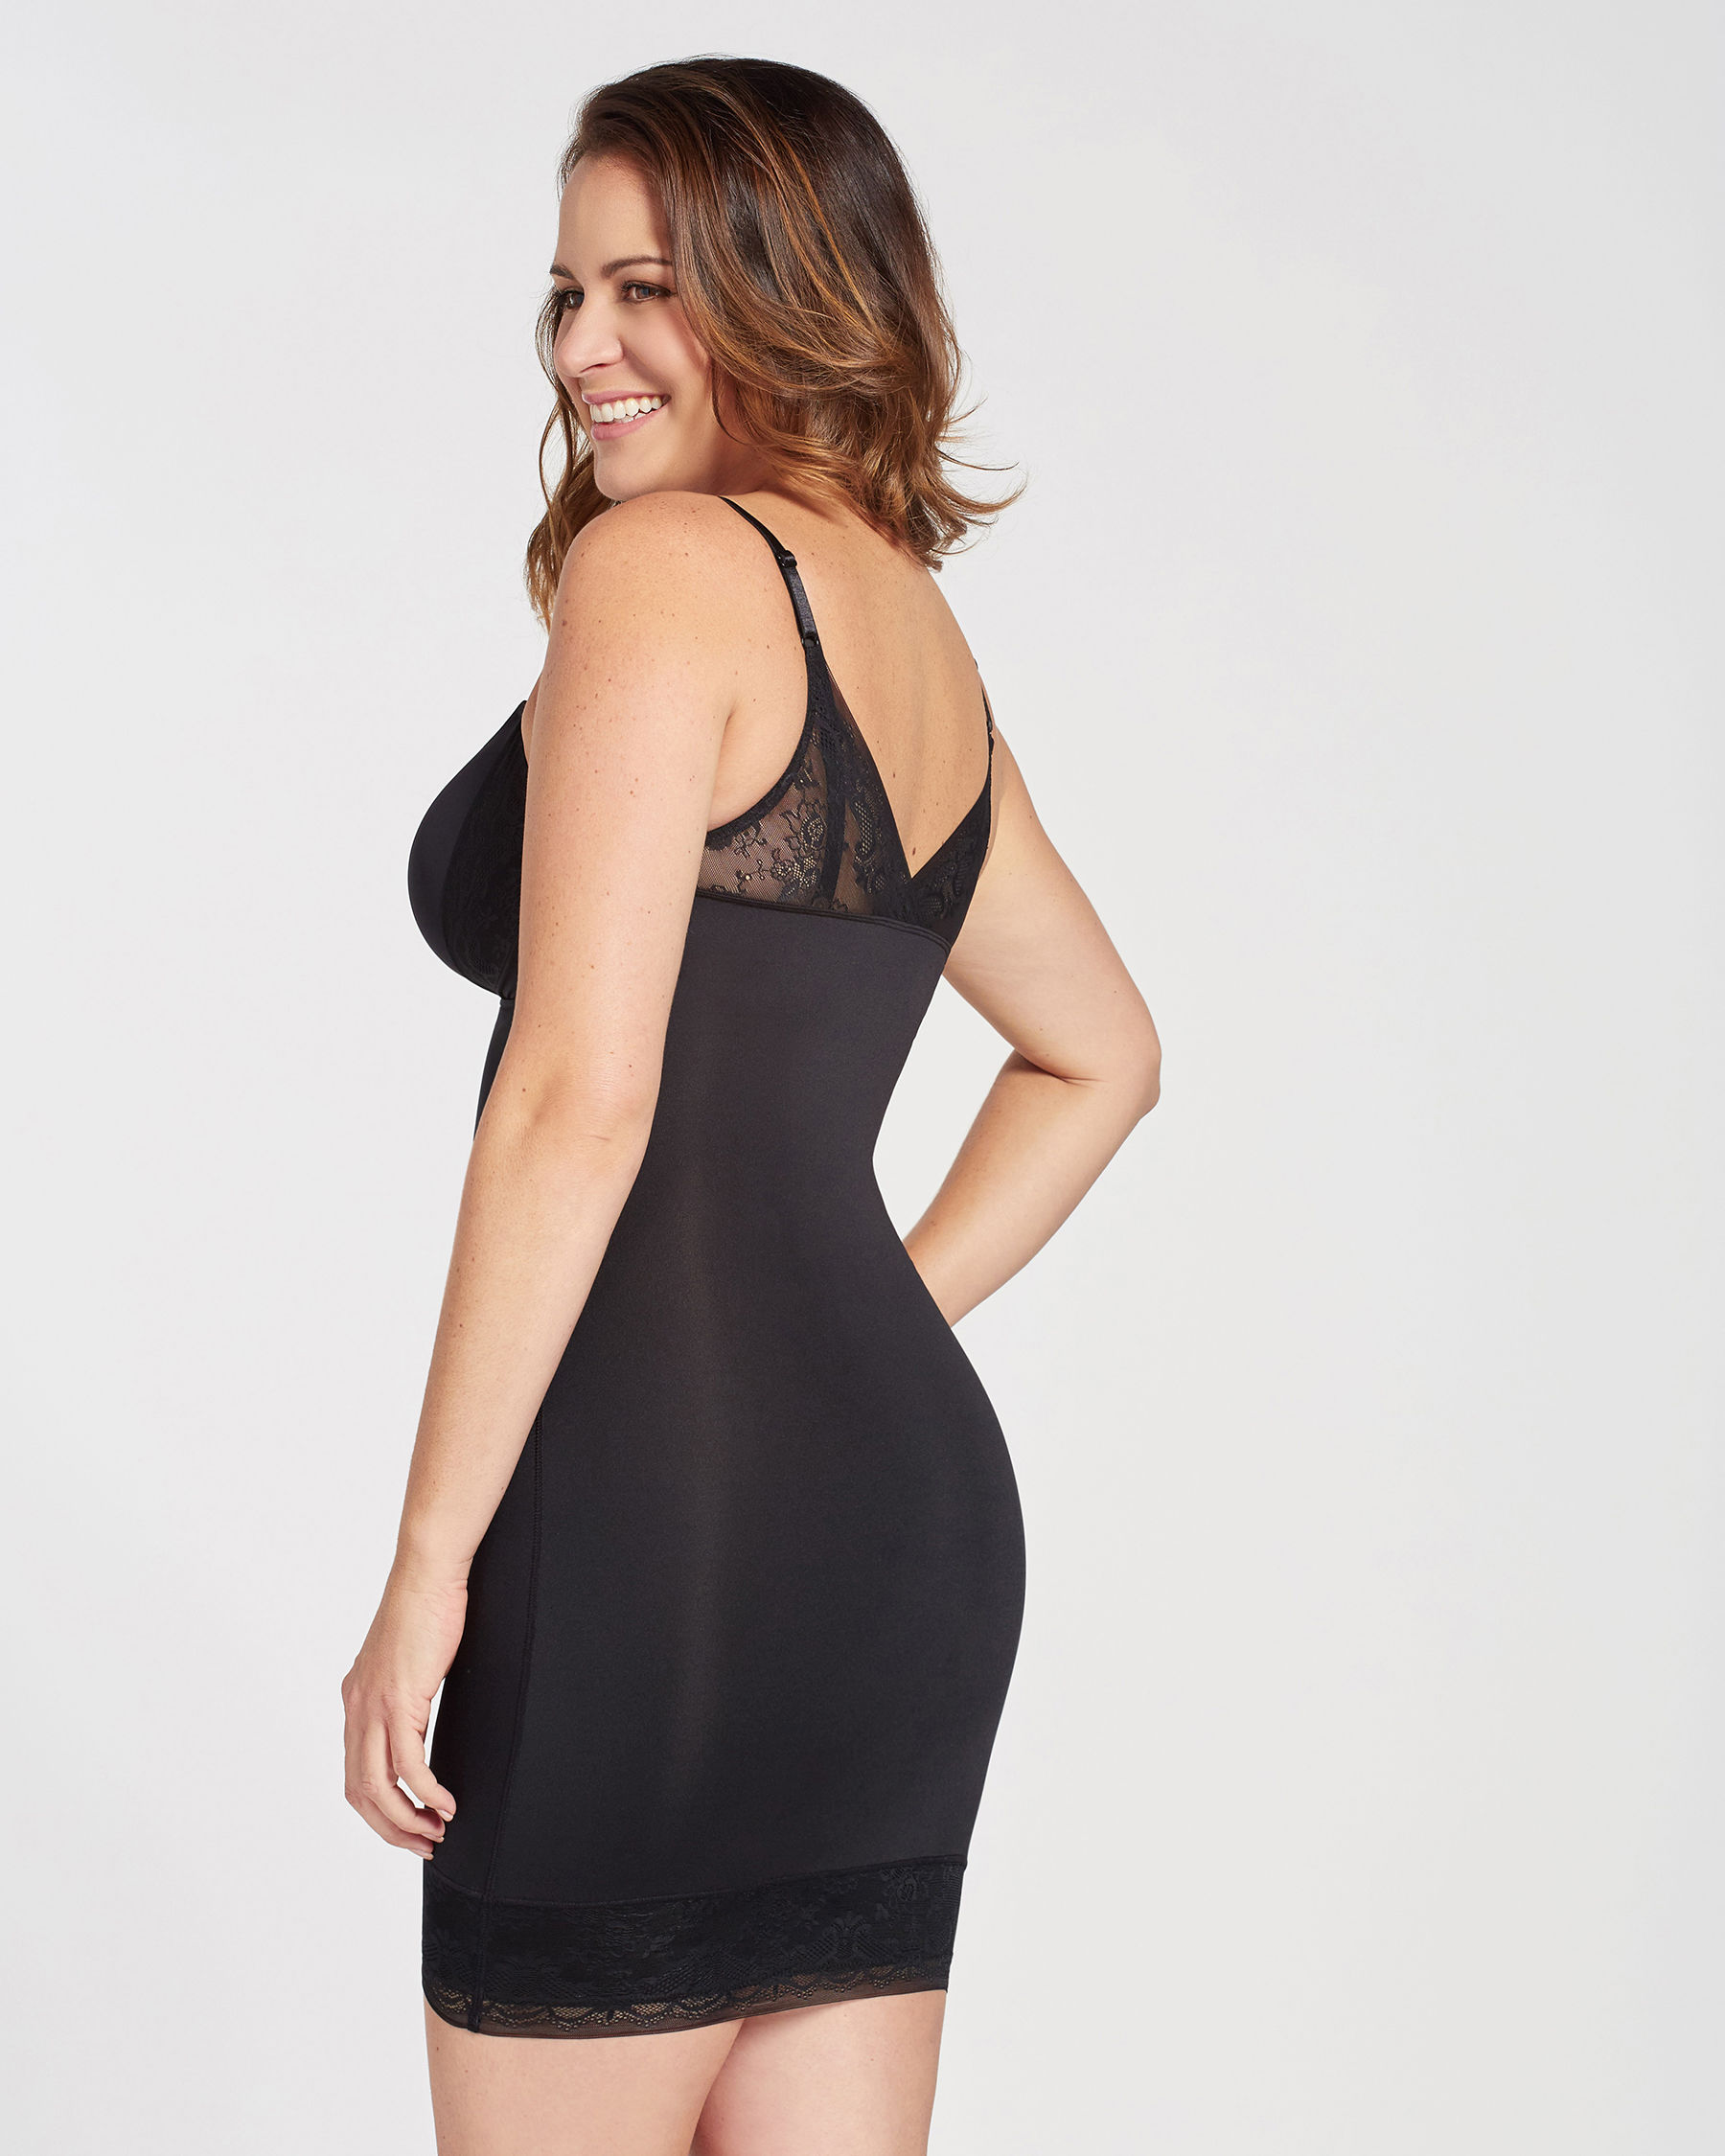 LA VIE EN ROSE Dress Control Black 897-126-0-00 - View4